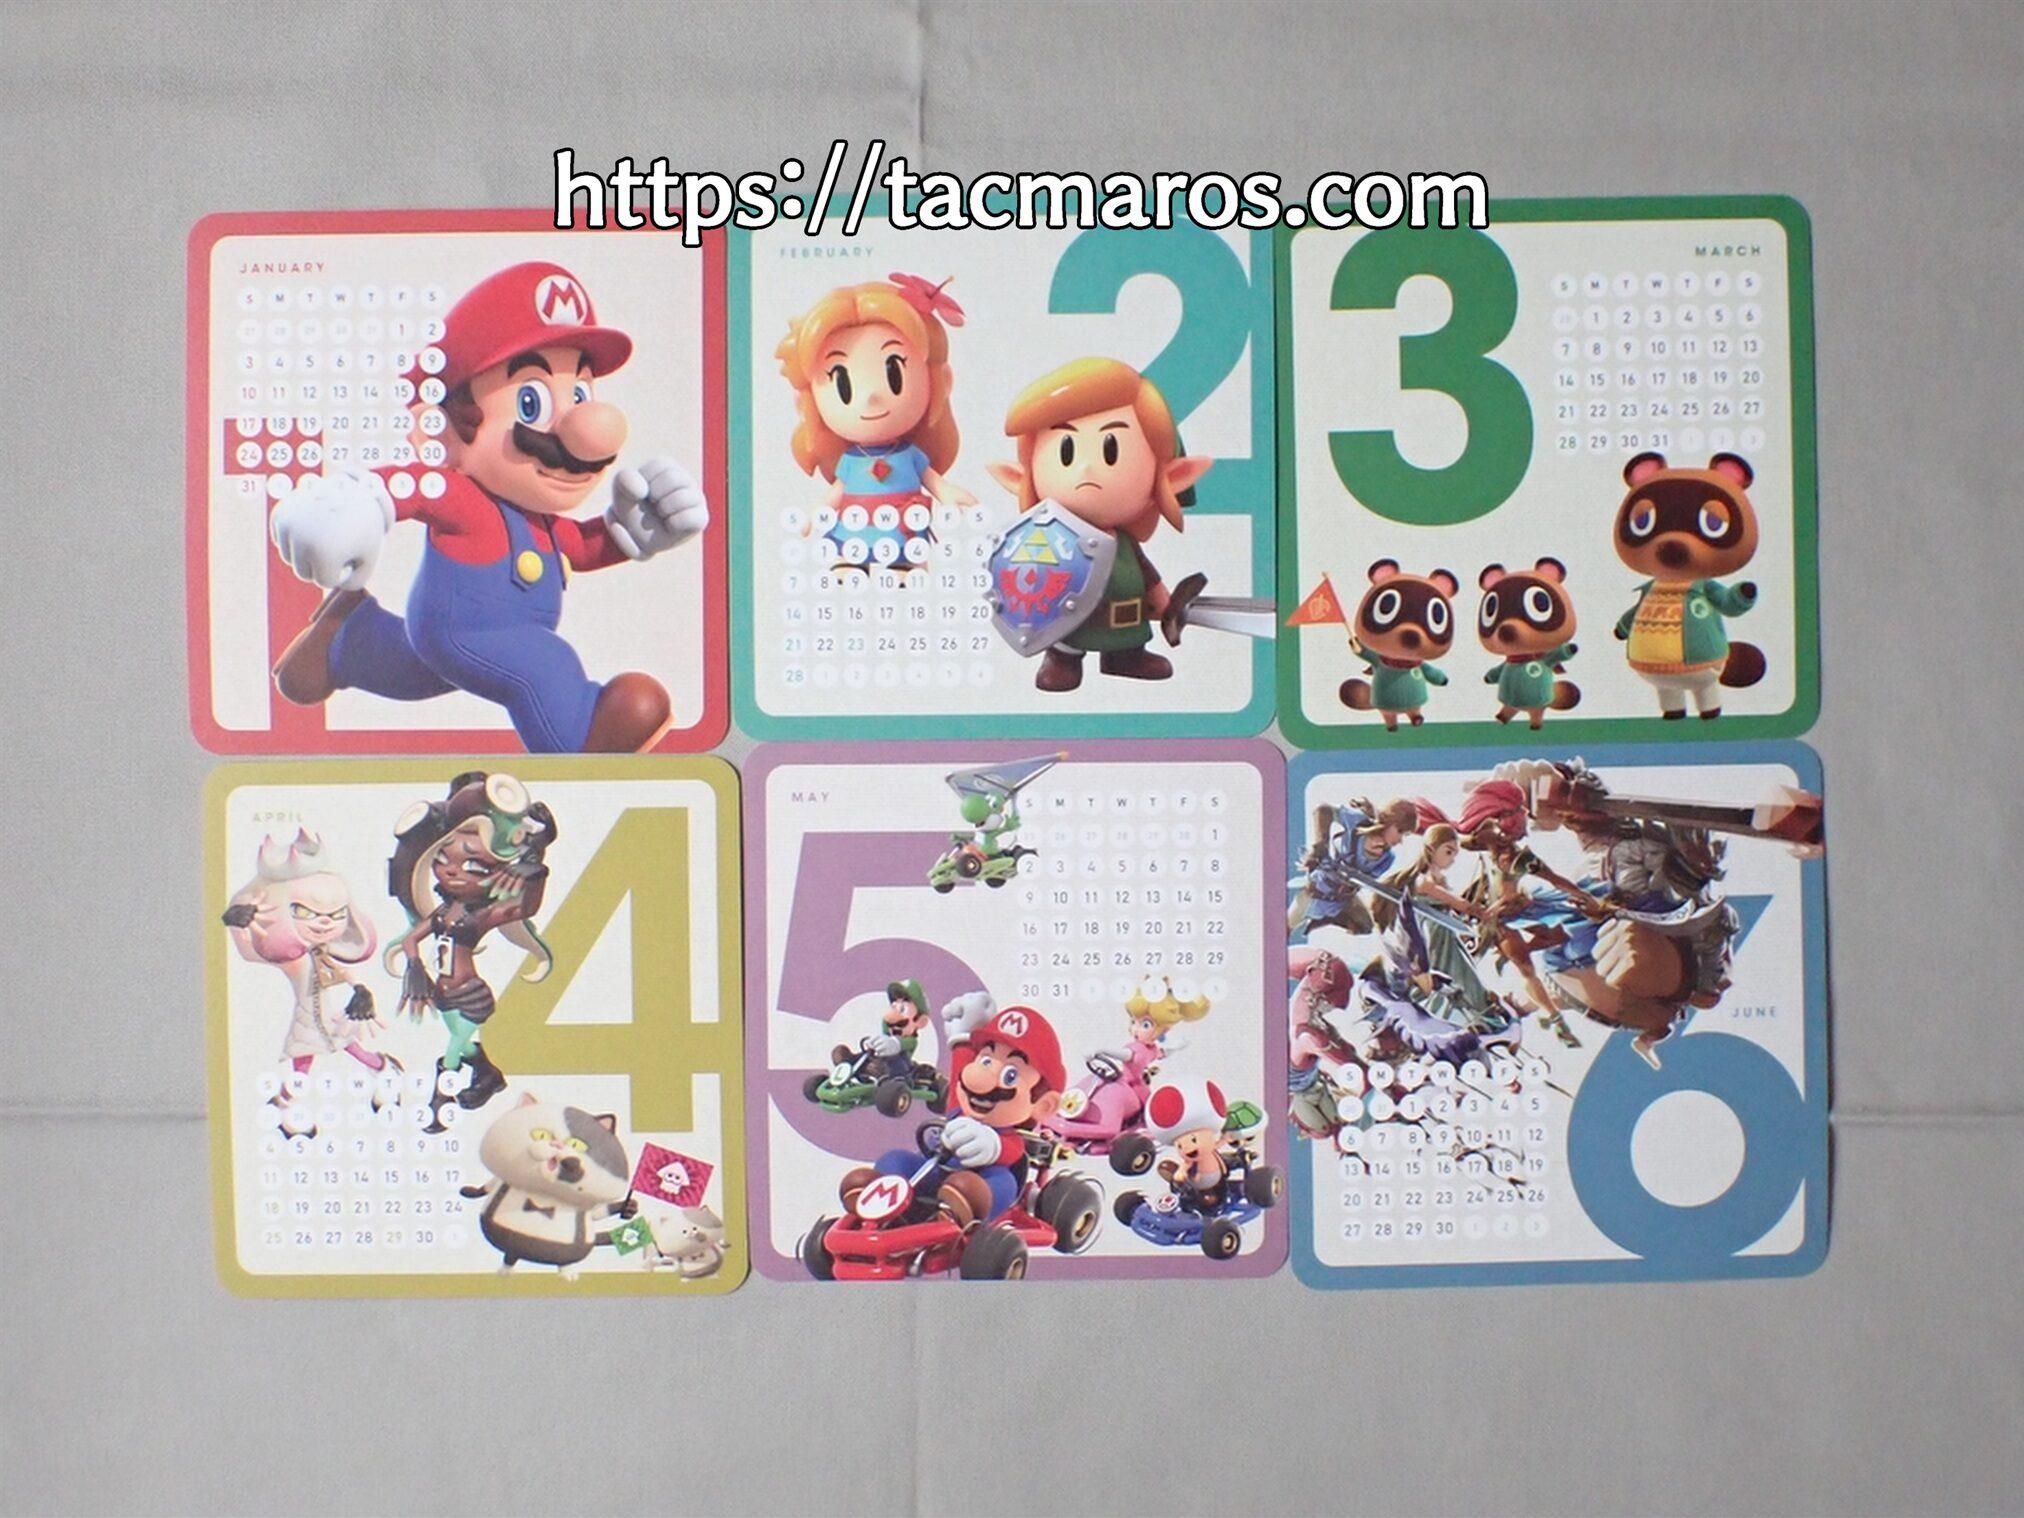 My Nintendo マイニンテンドーオリジナルカレンダー2021 1月、2月、3月、4月、5月、6月のカレンダーの表側